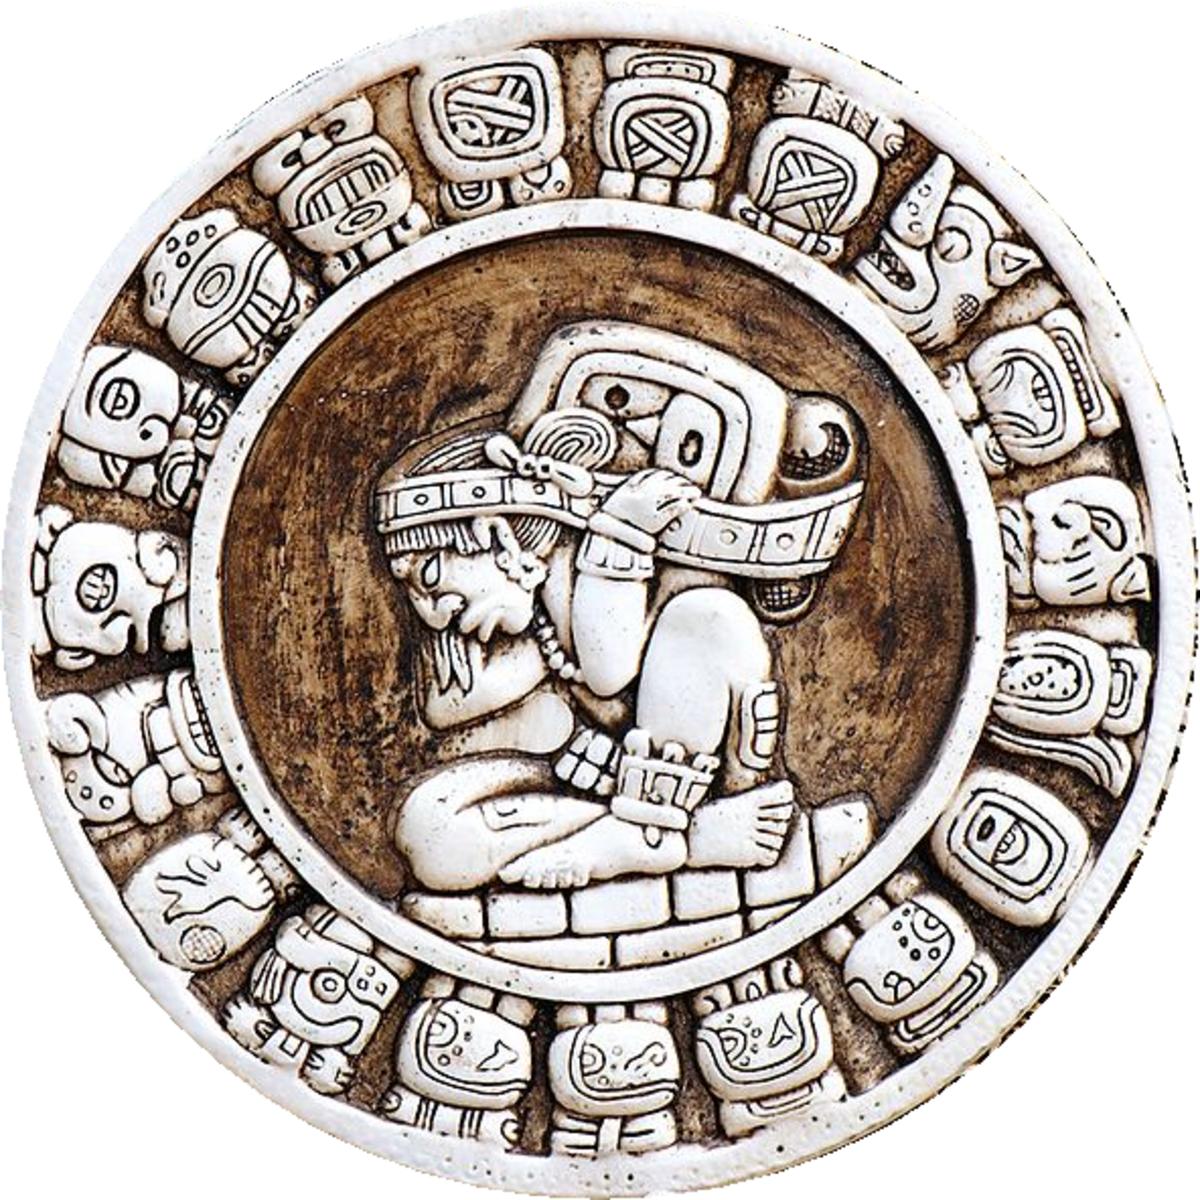 The Mayan Zodiac